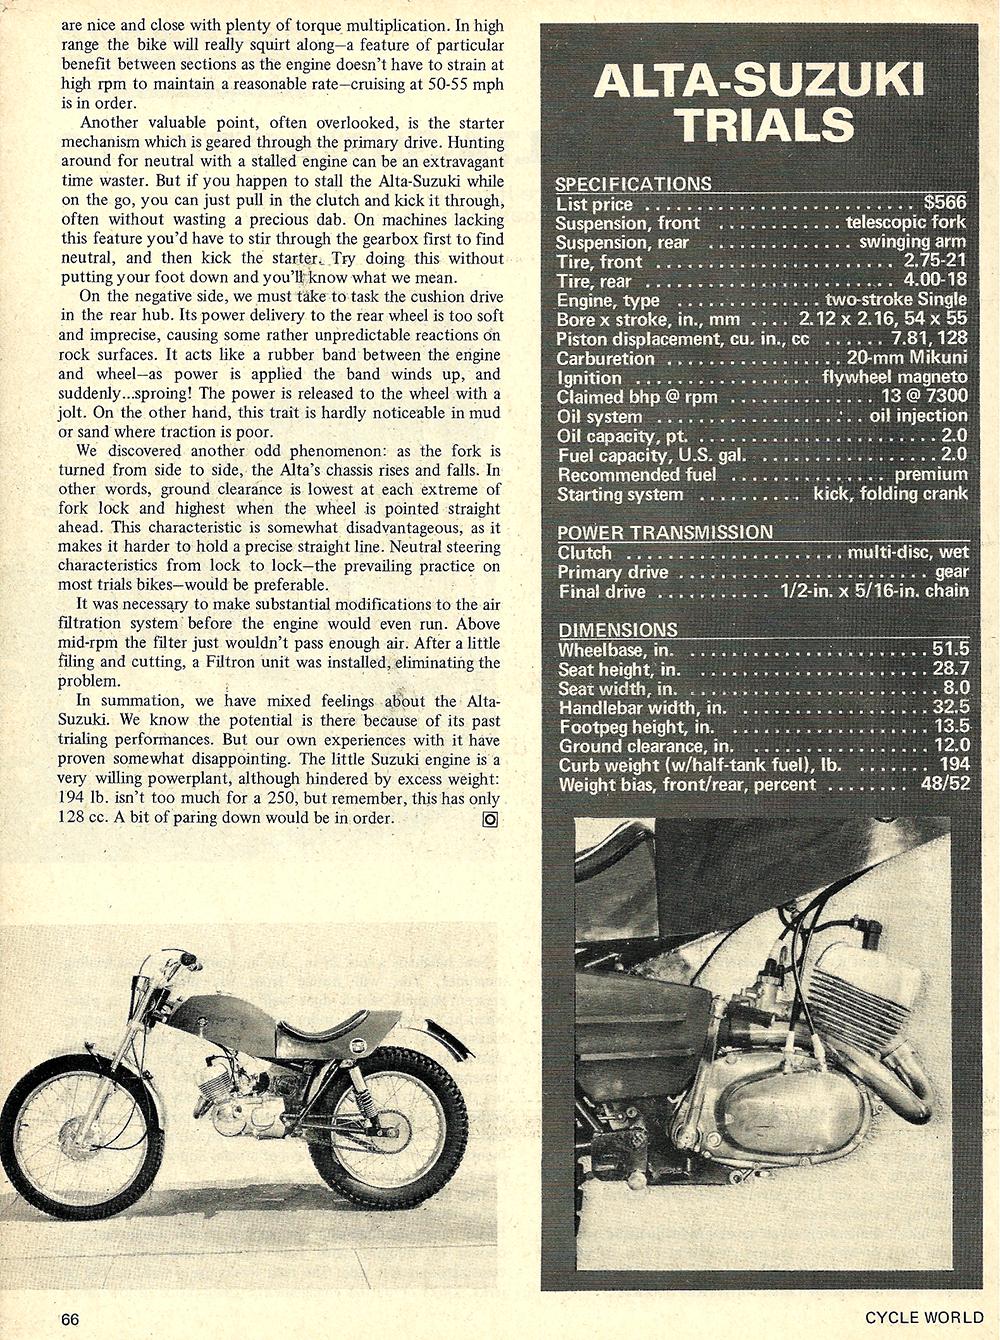 1970 Alta-Suzuki Trials test 2.jpg